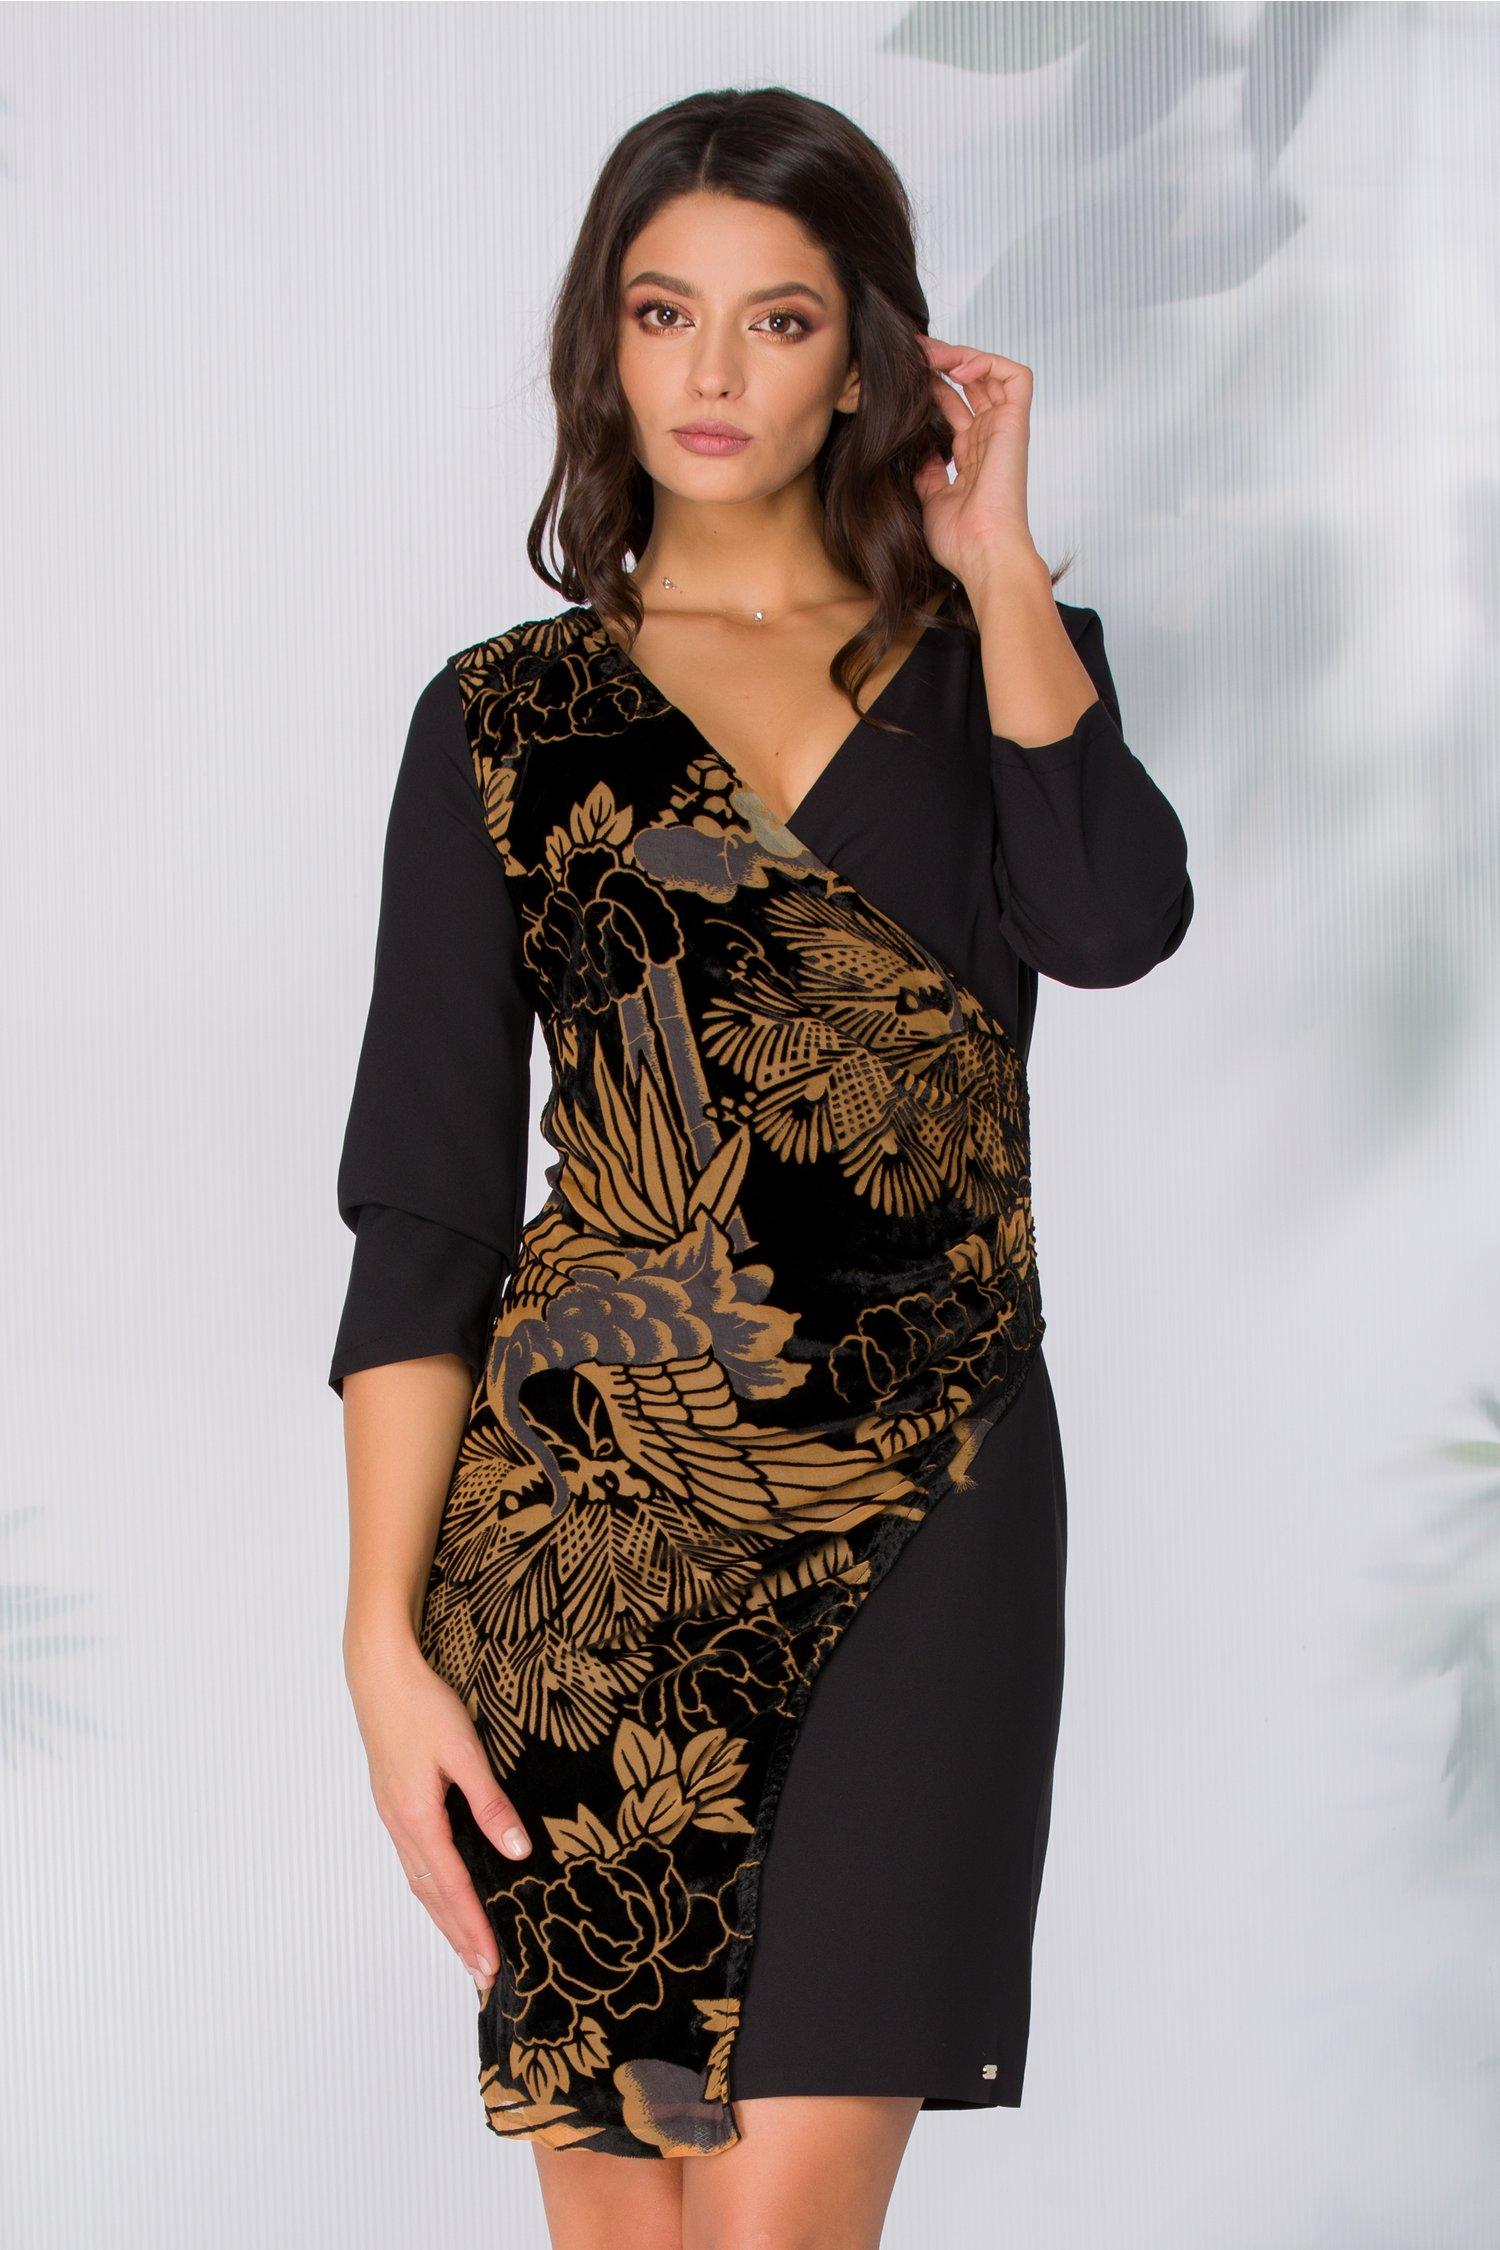 Rochie Milla neagra cu flori maro